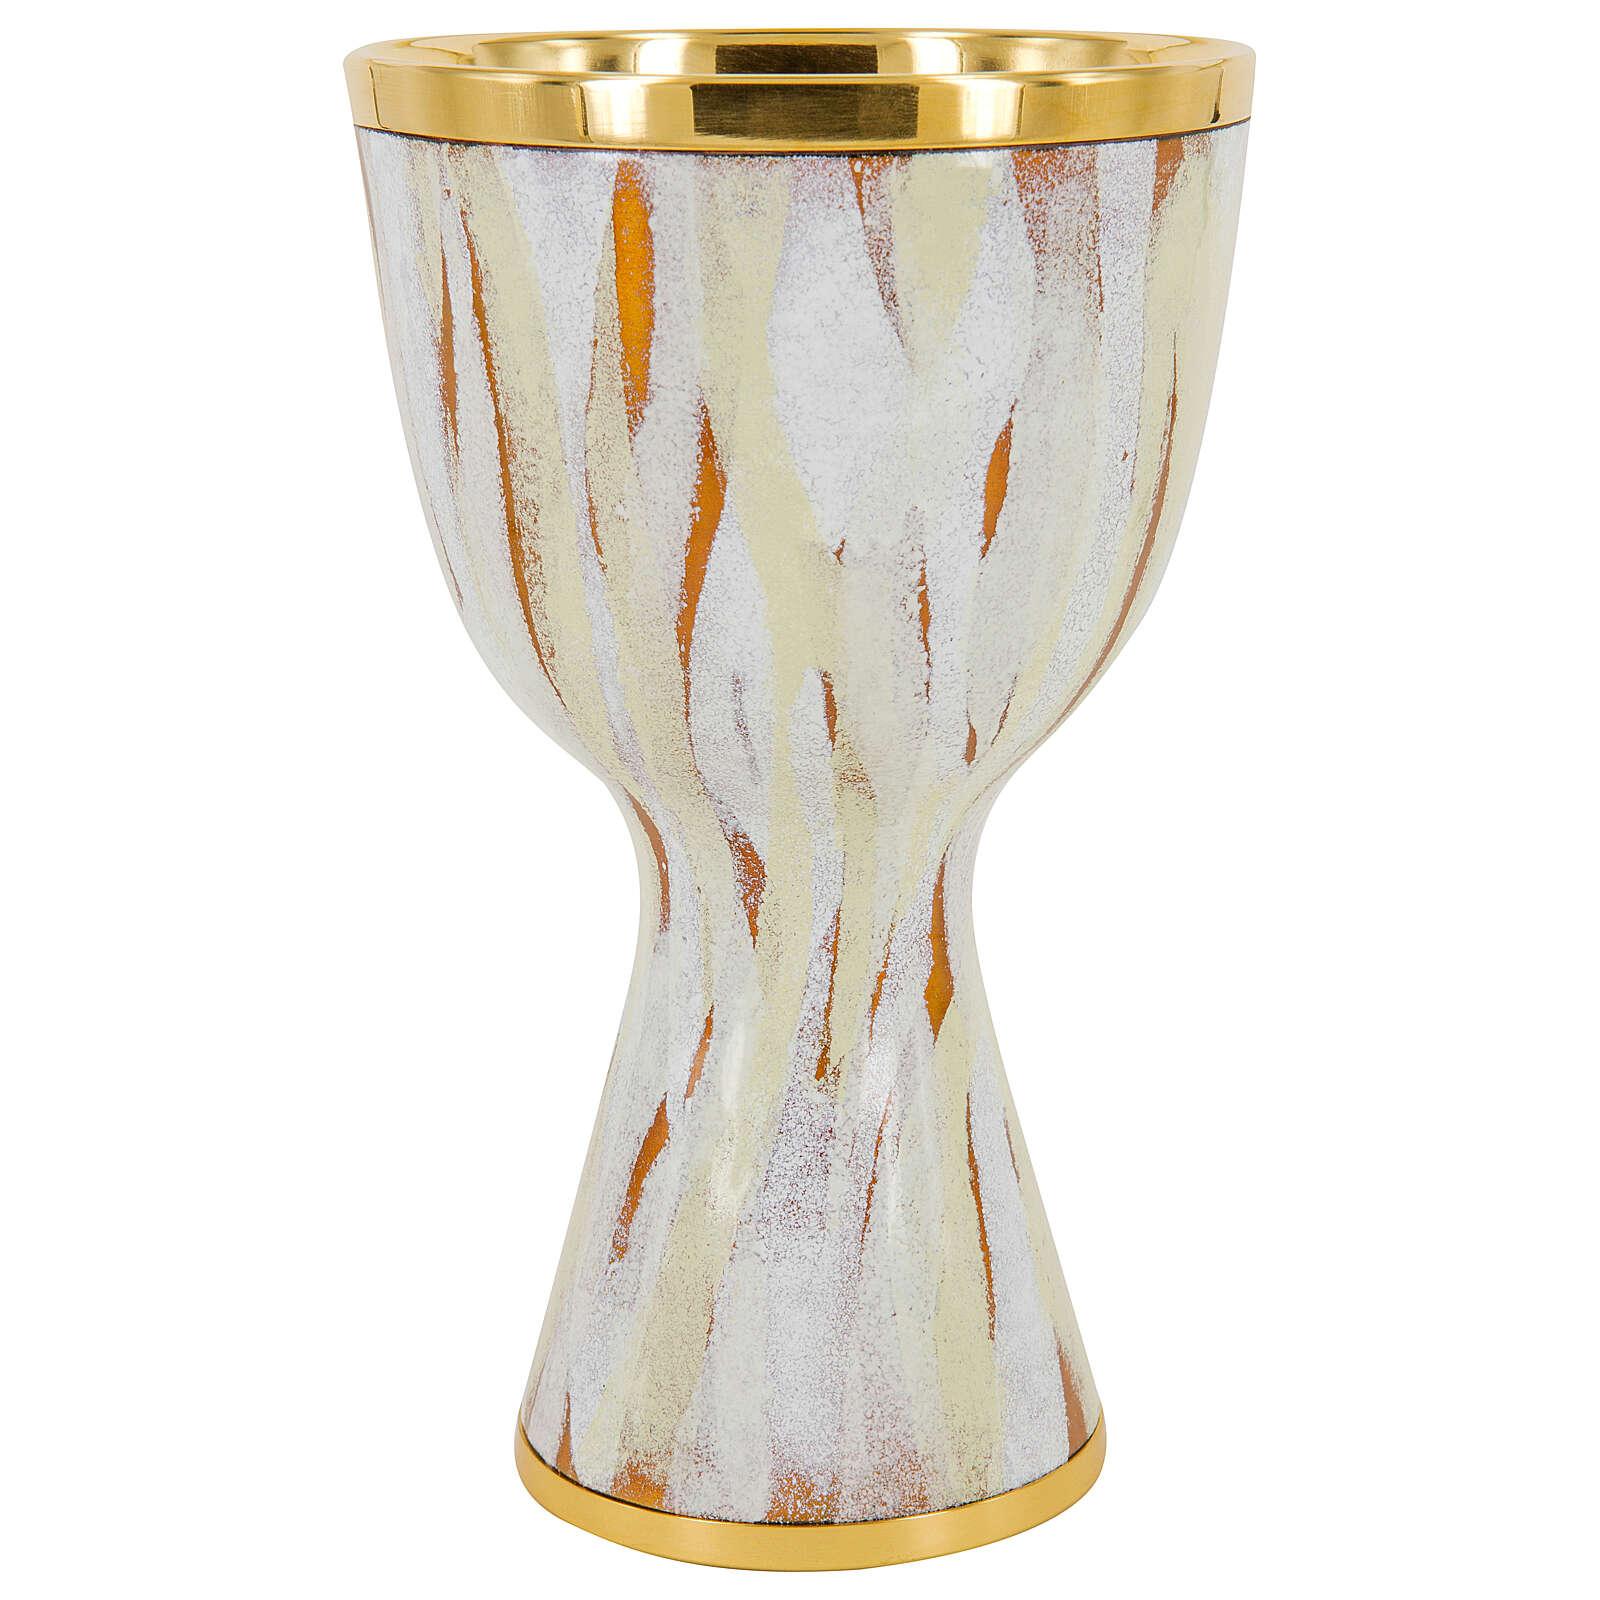 Calice smalto bianco oro ottone dorato 18,5 cm 4